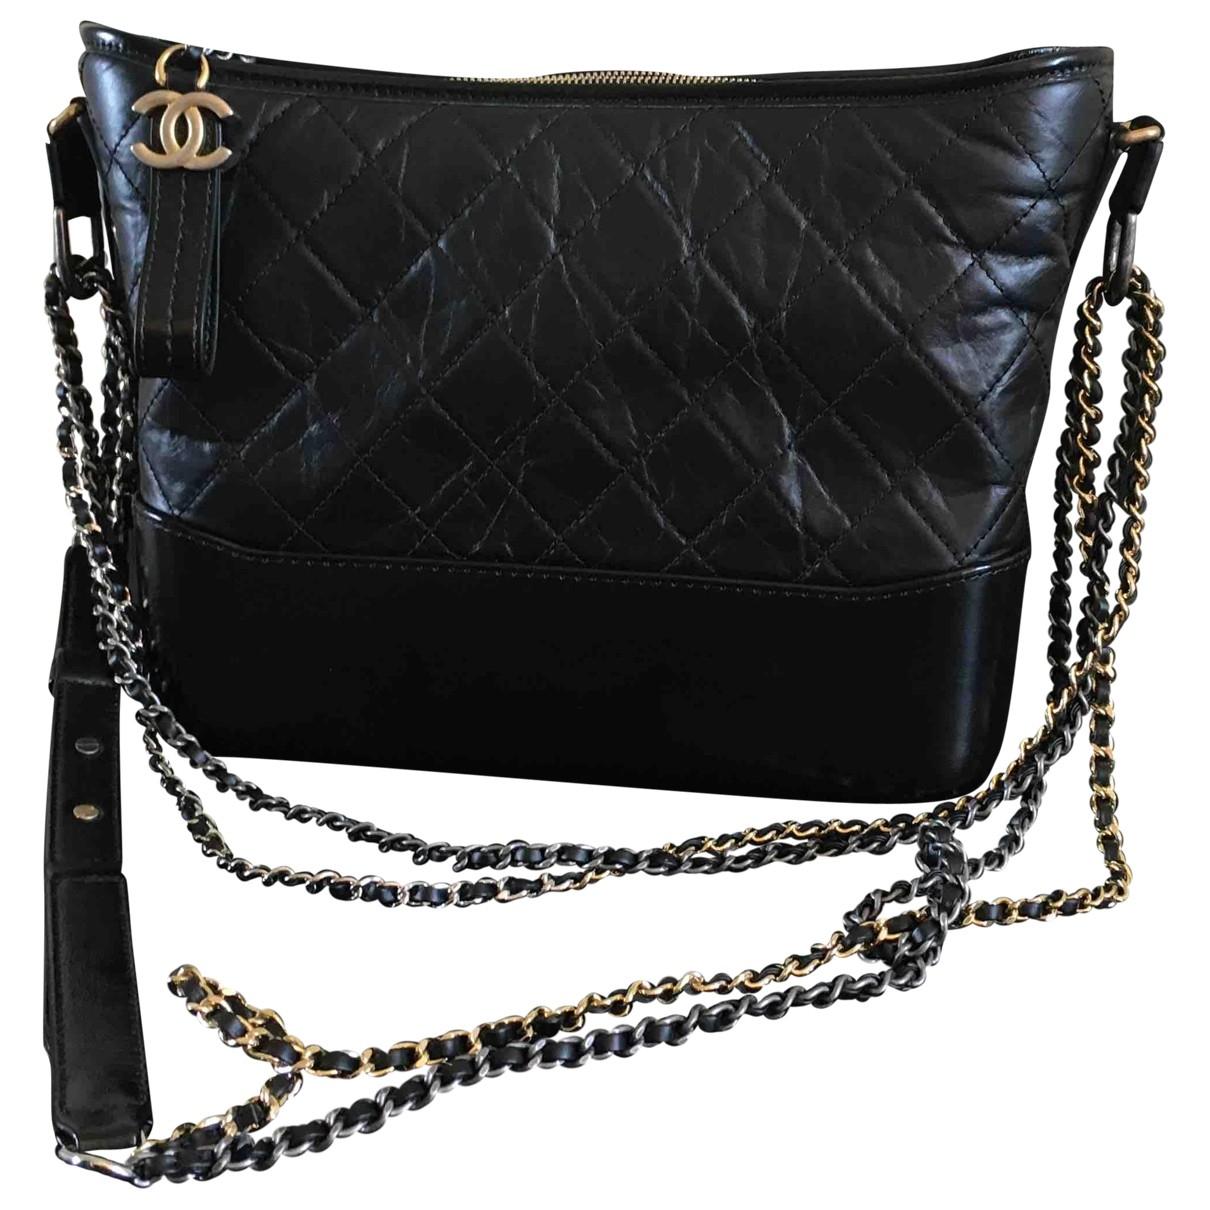 Chanel Gabrielle Handtasche in  Schwarz Leder